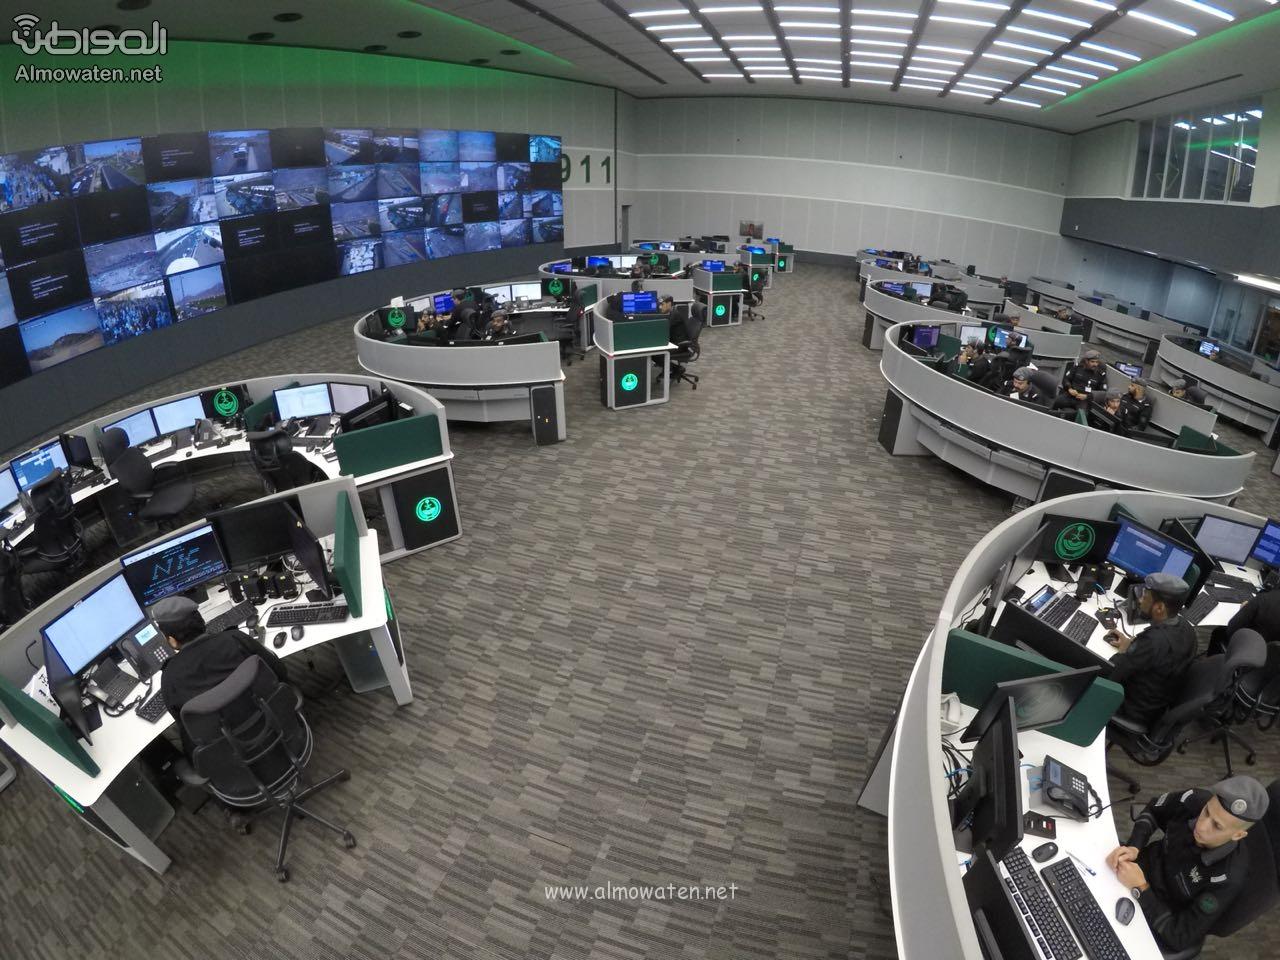 مركز العمليات الأمنية 911 7